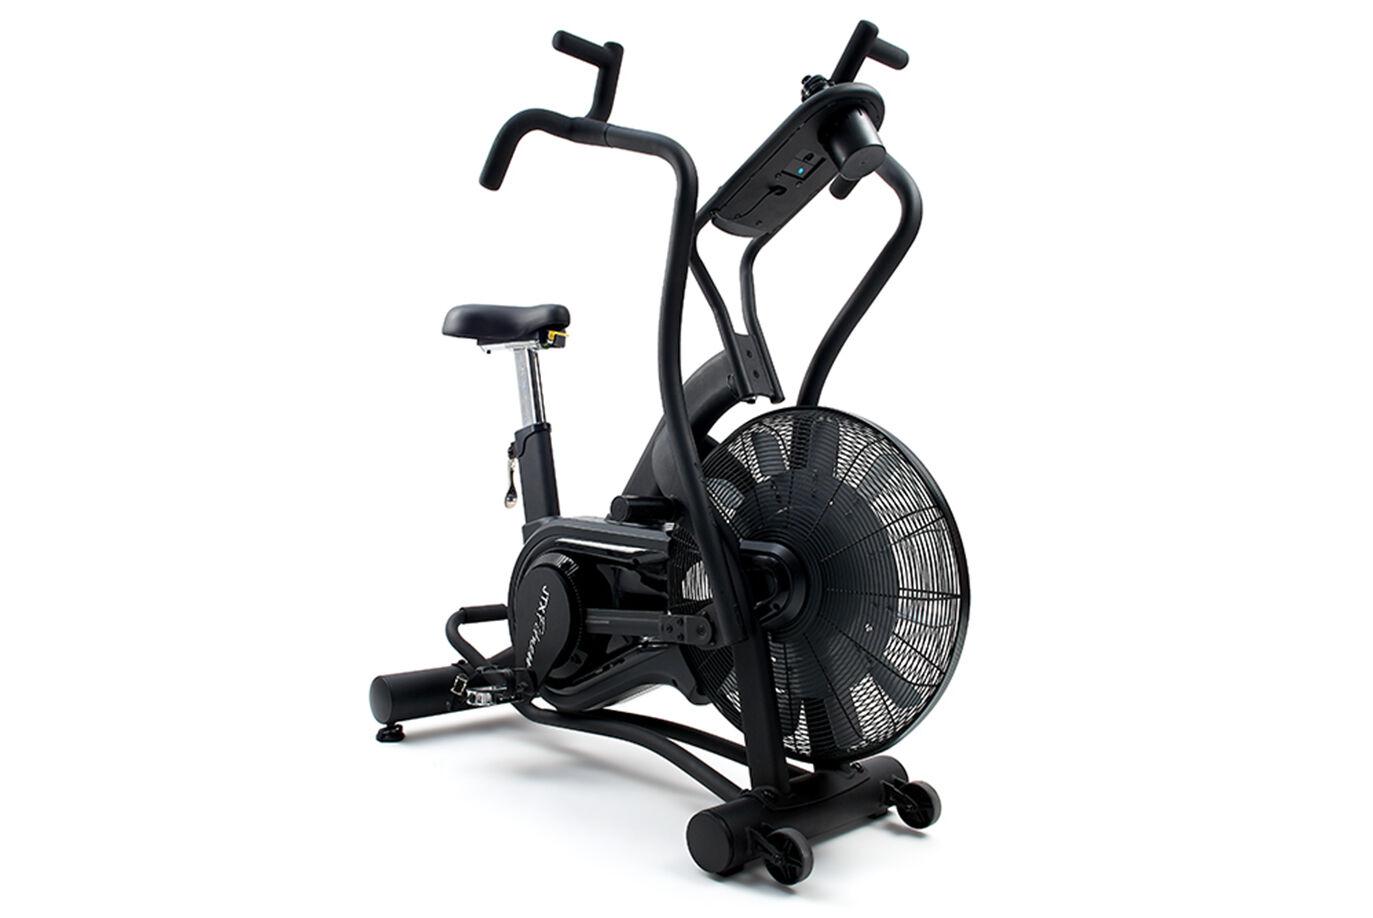 JTX Mission Air - CrossFit Bike